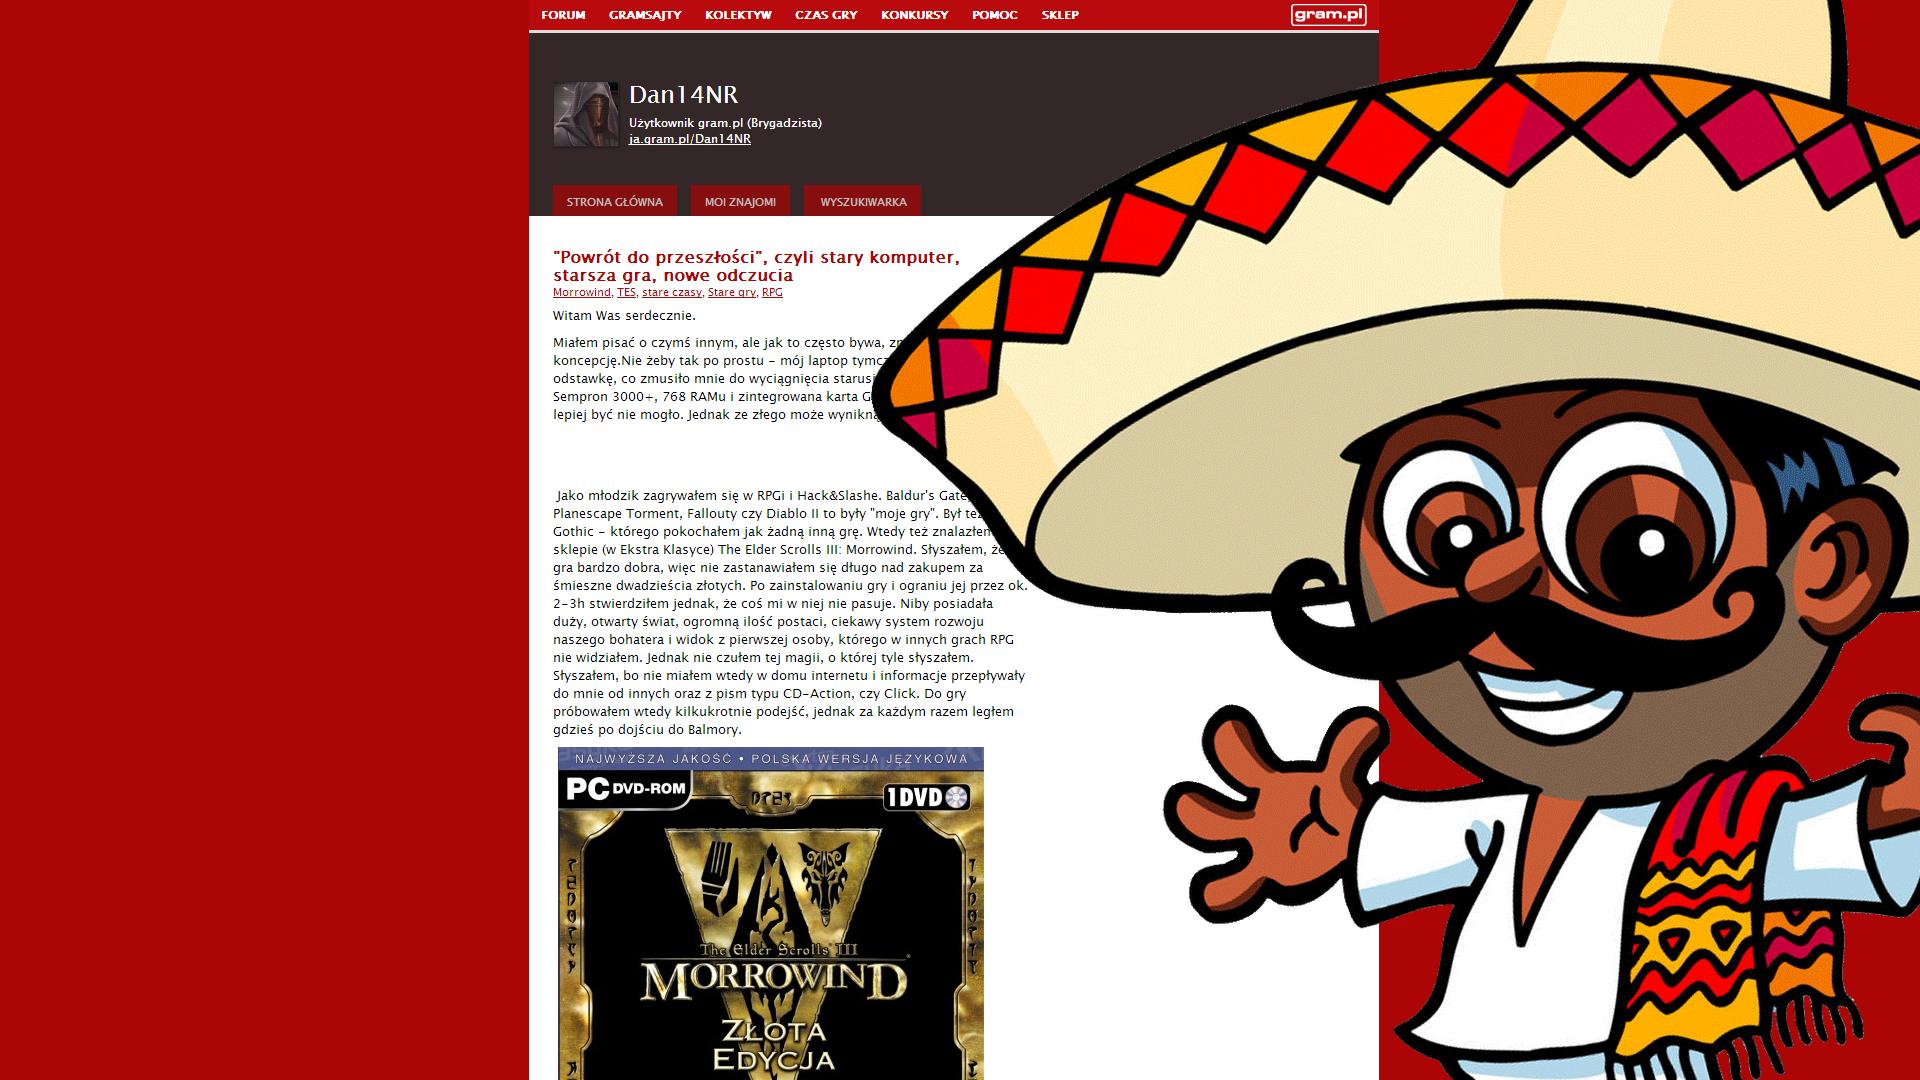 Co w gramsajtach piszczy #91 - Gramsajtowa majówka recenzencka! - obrazek 3